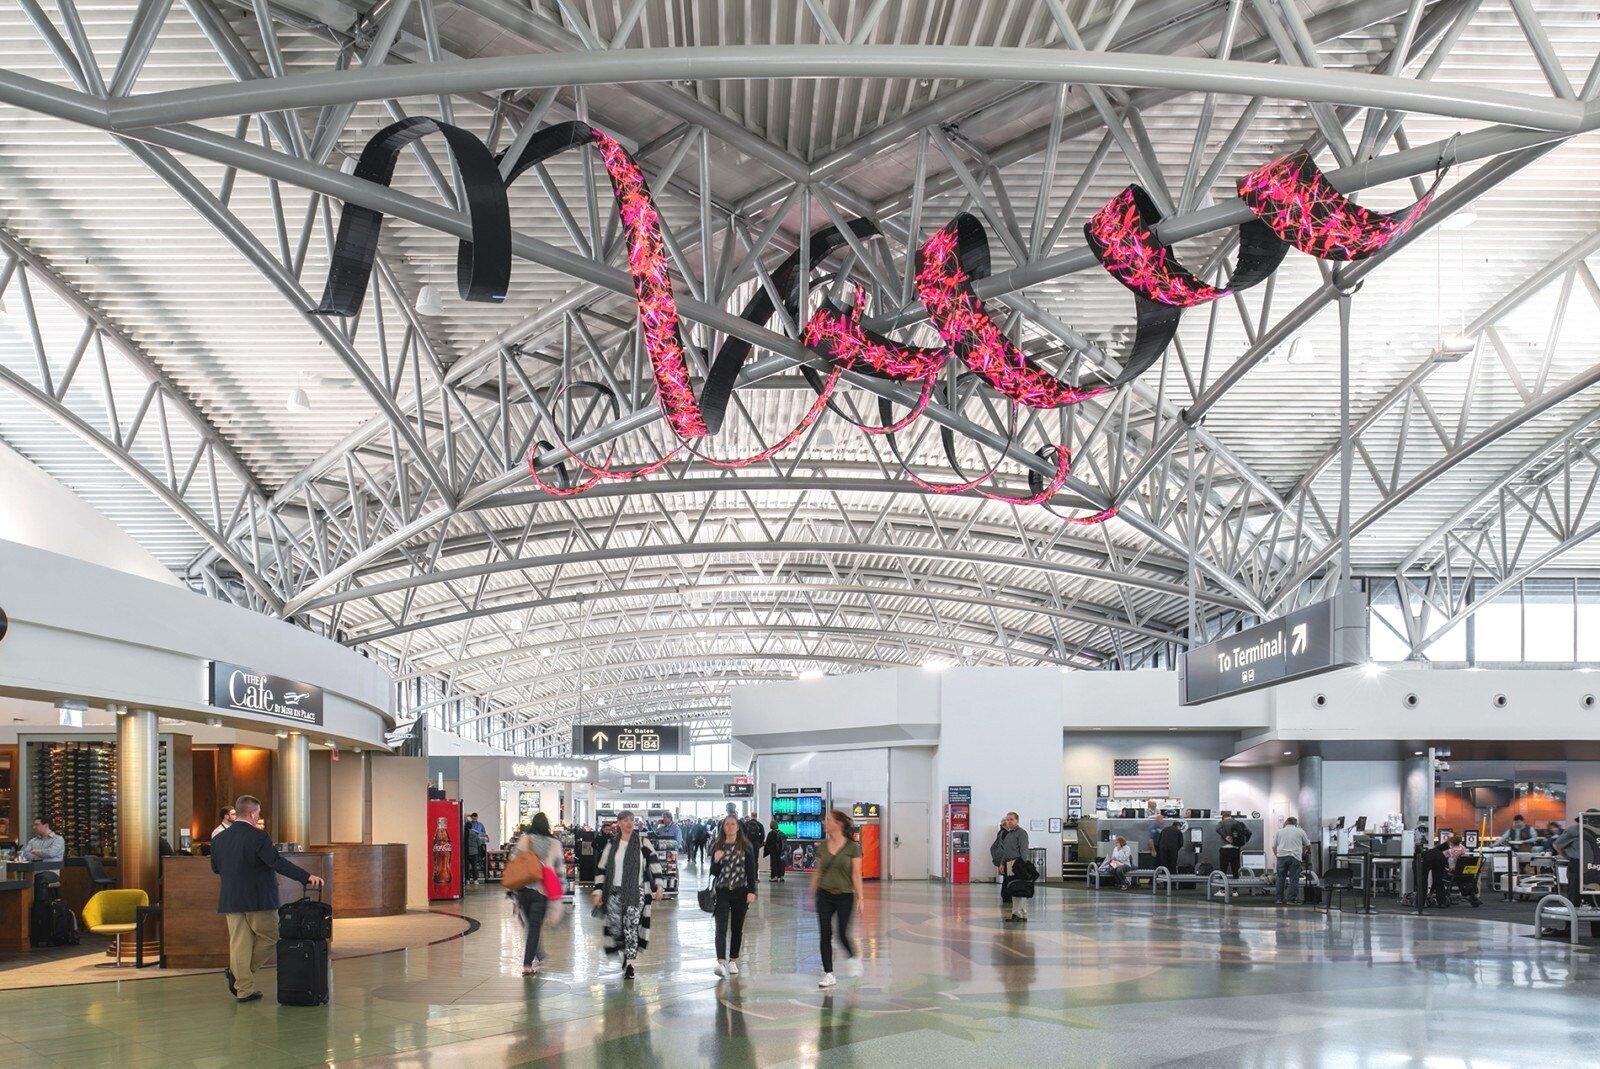 坦帕-国际机场——扩张——室内- 2 - 1900 - 1600 - x1069.jpg